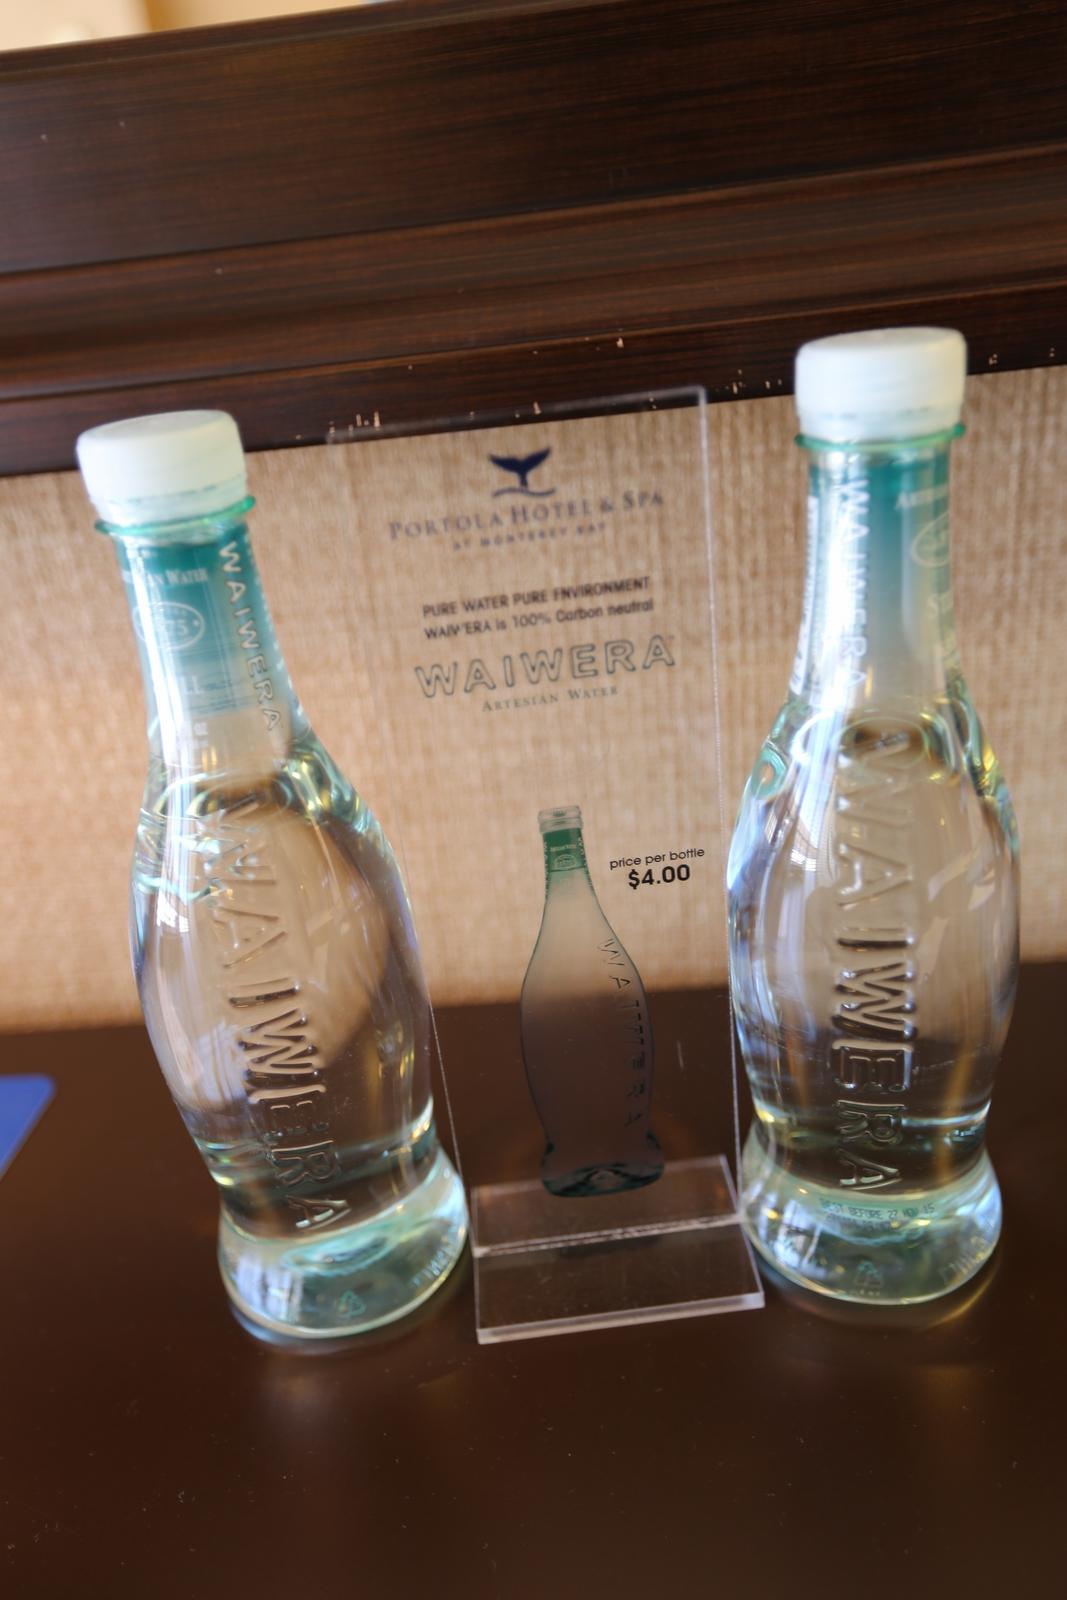 portola hotel & spa at monterey bay reviews